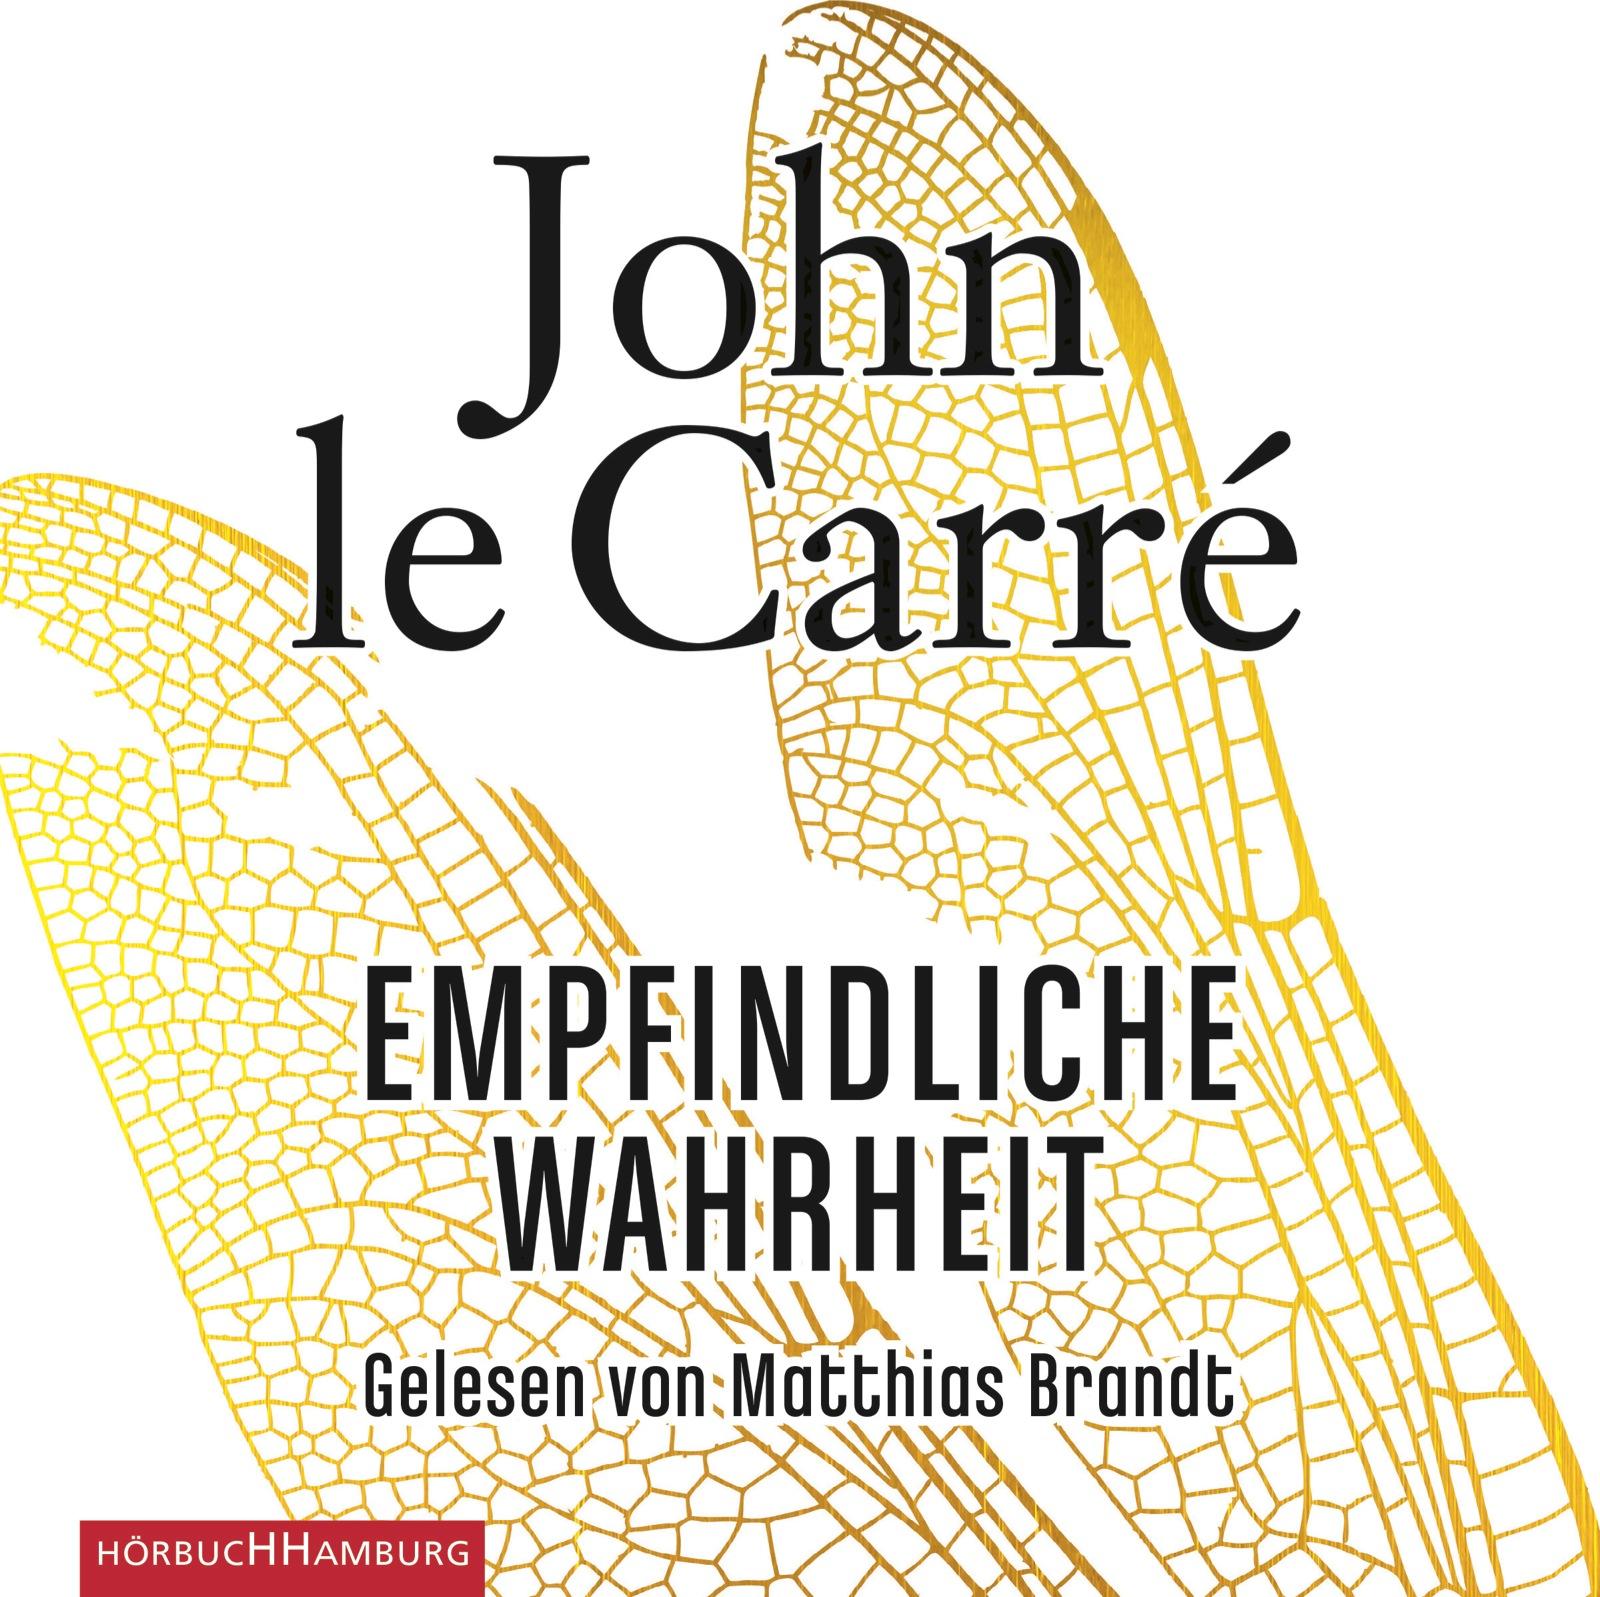 Cover für das Empfindliche Wahrheit Hörbuch